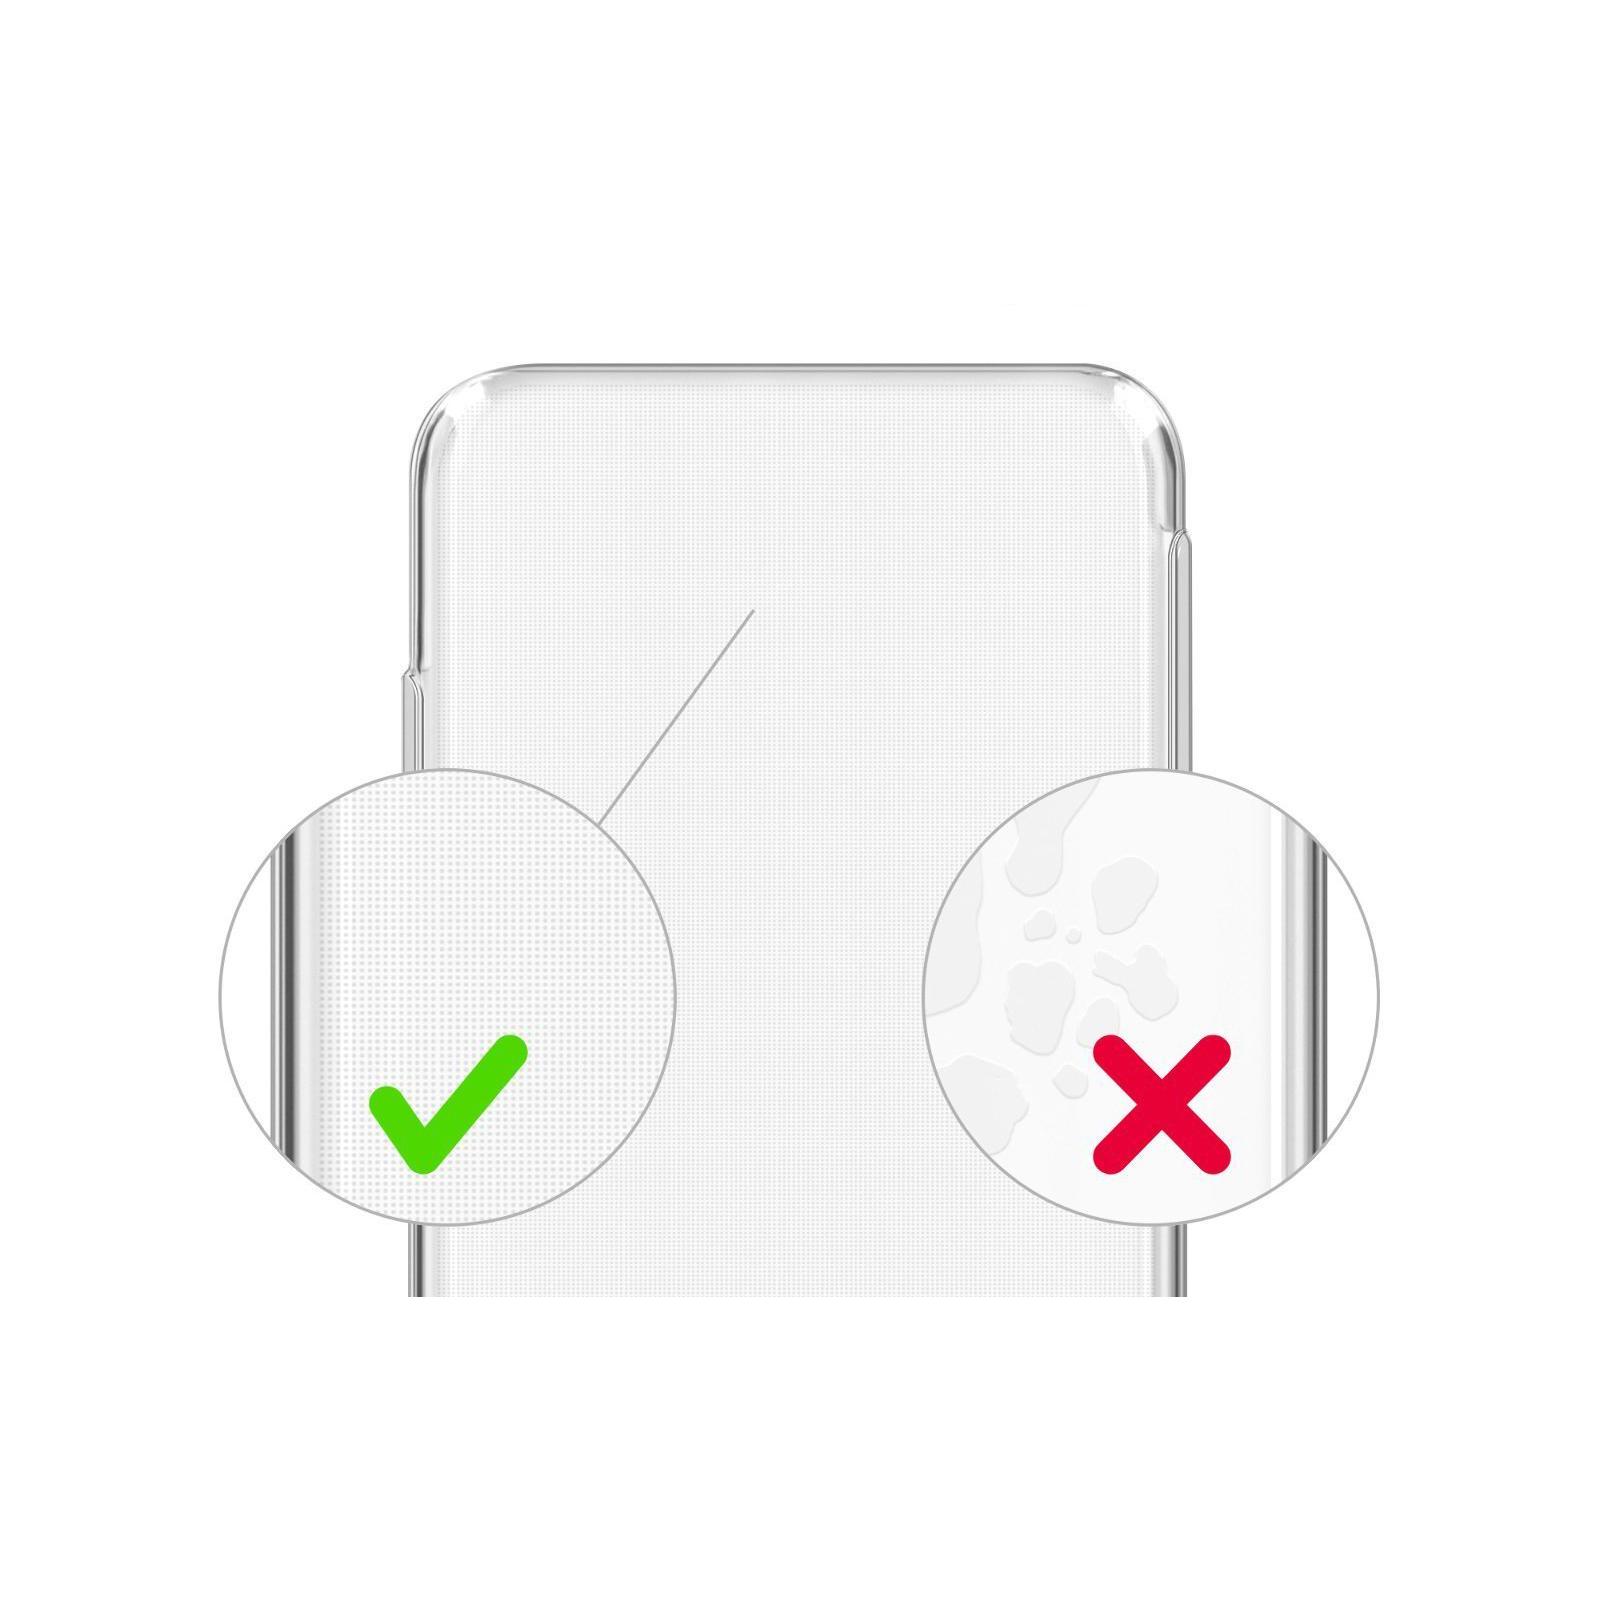 Чехол для моб. телефона SmartCase Huawei P8 Lite TPU Clear (SC-HP8L) изображение 12